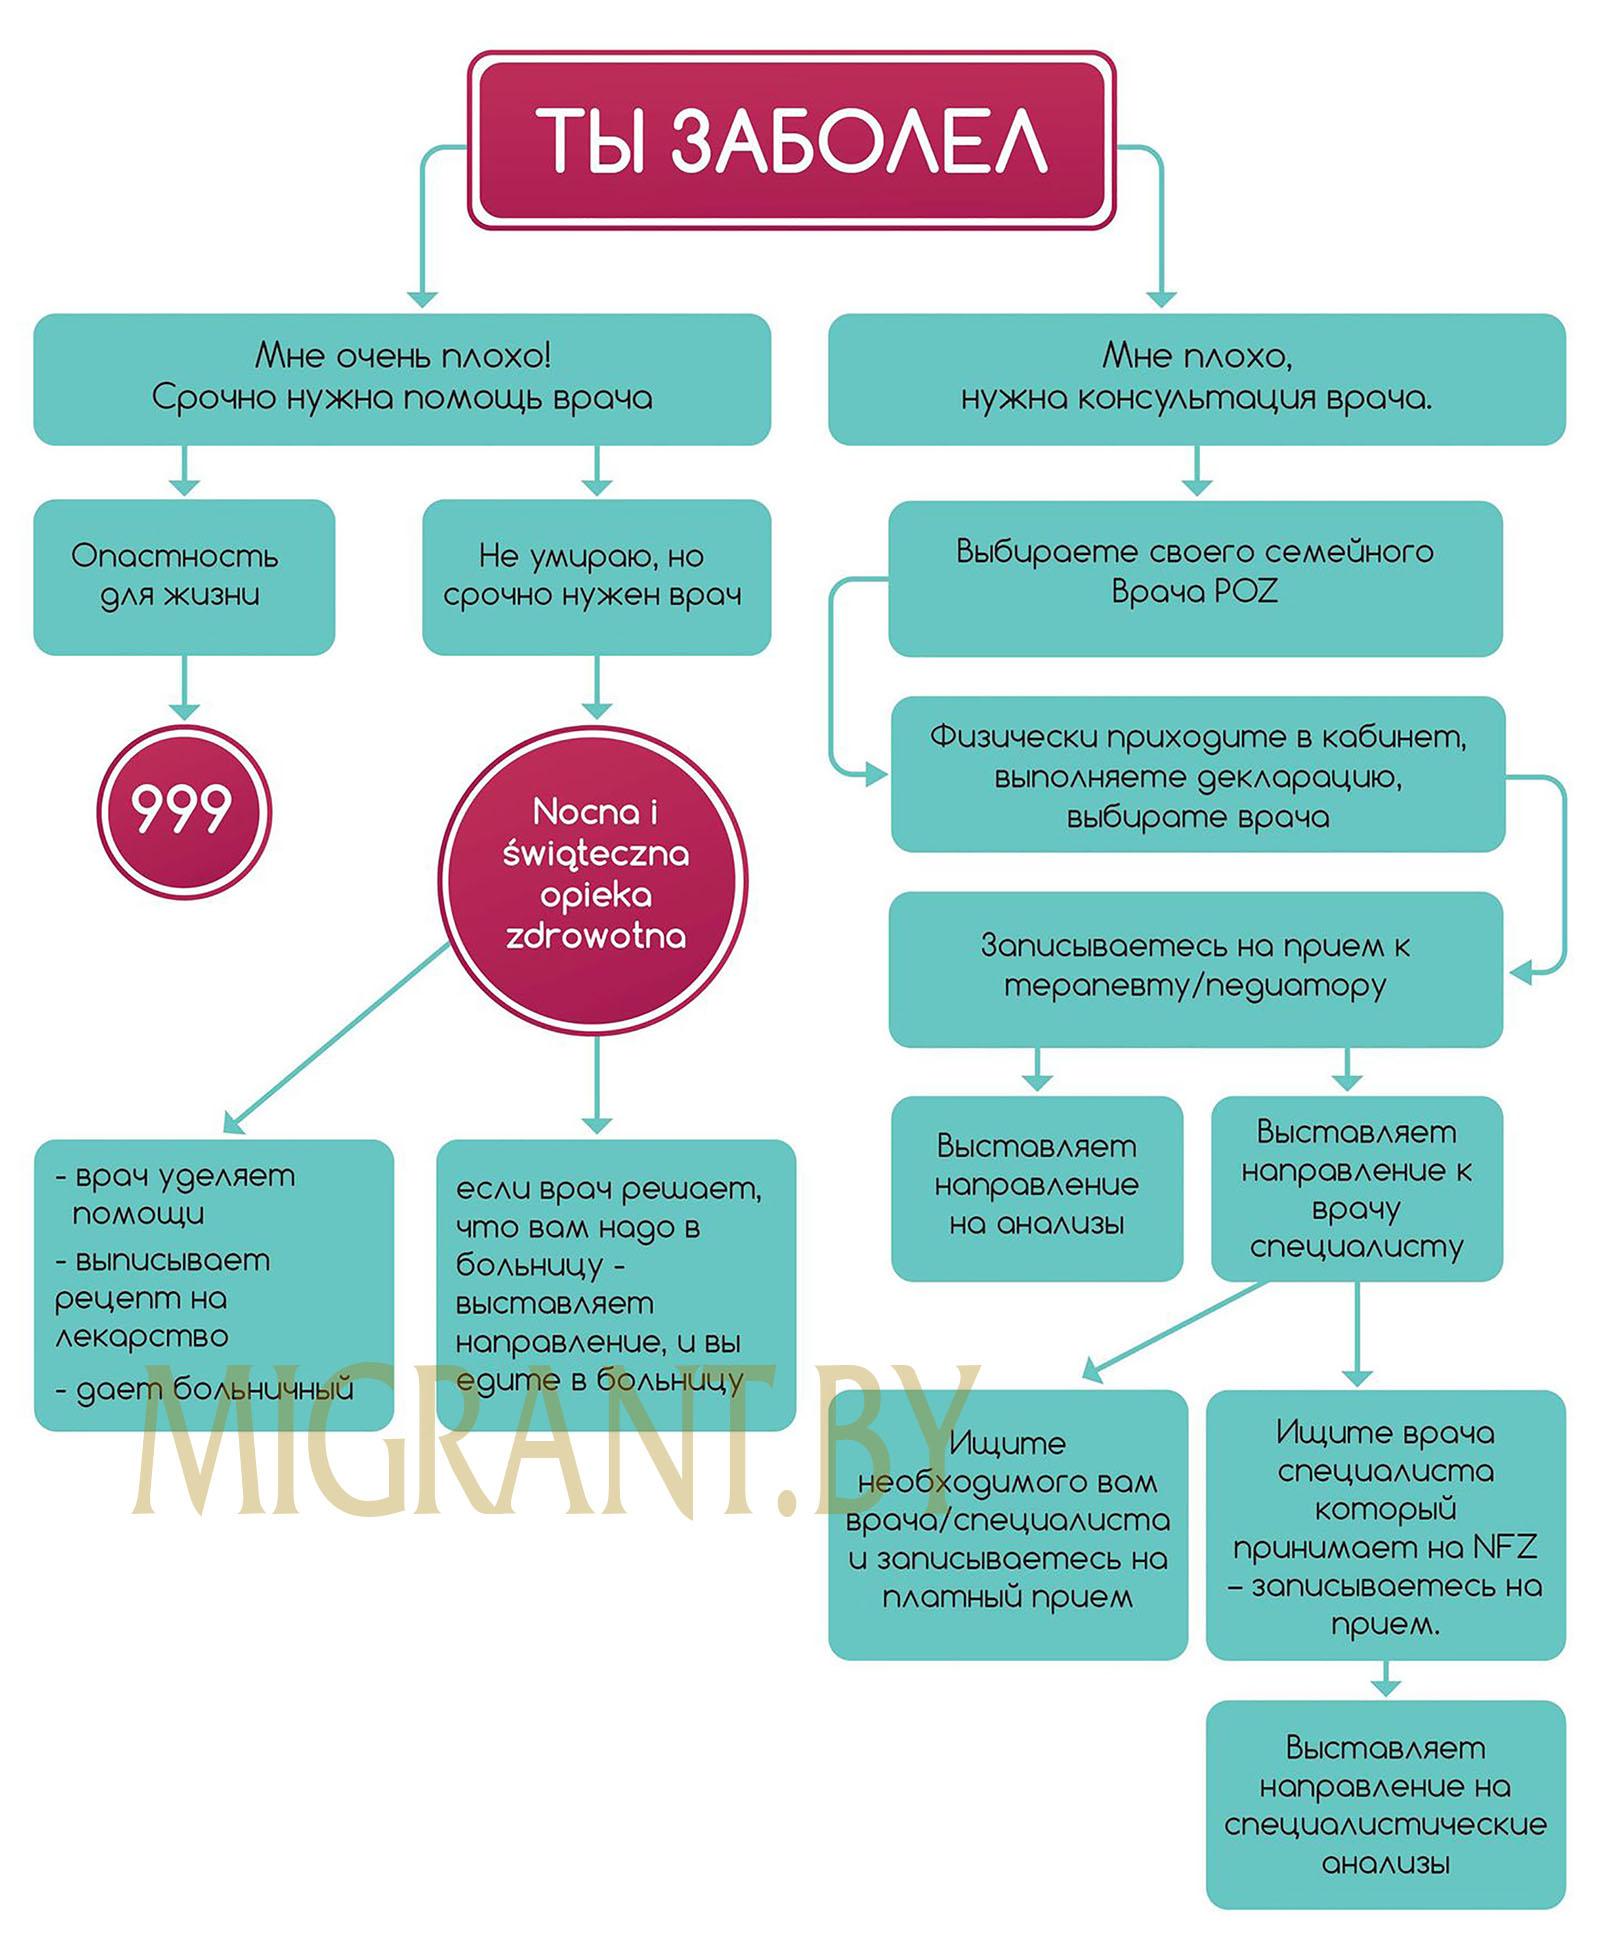 Схема получения медицинского обслуживания на основании страхования в NFZ